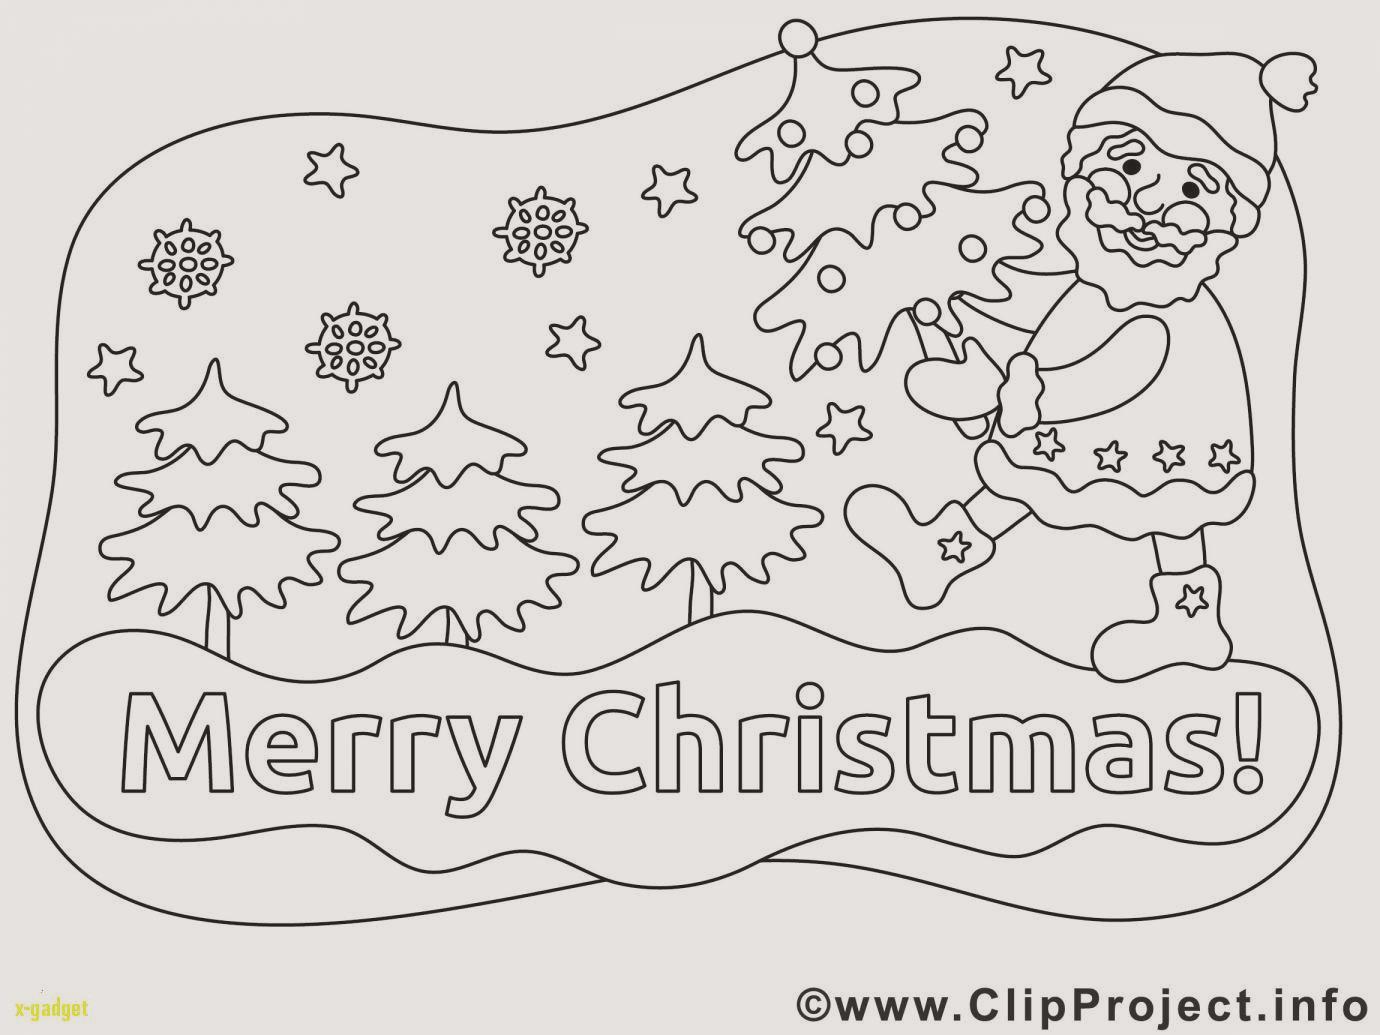 Weihnachts Ausmalbilder Zum Drucken Neu 30 Frisch Ausmalbilder Weihnachten Geschenke Ausdrucken Stock